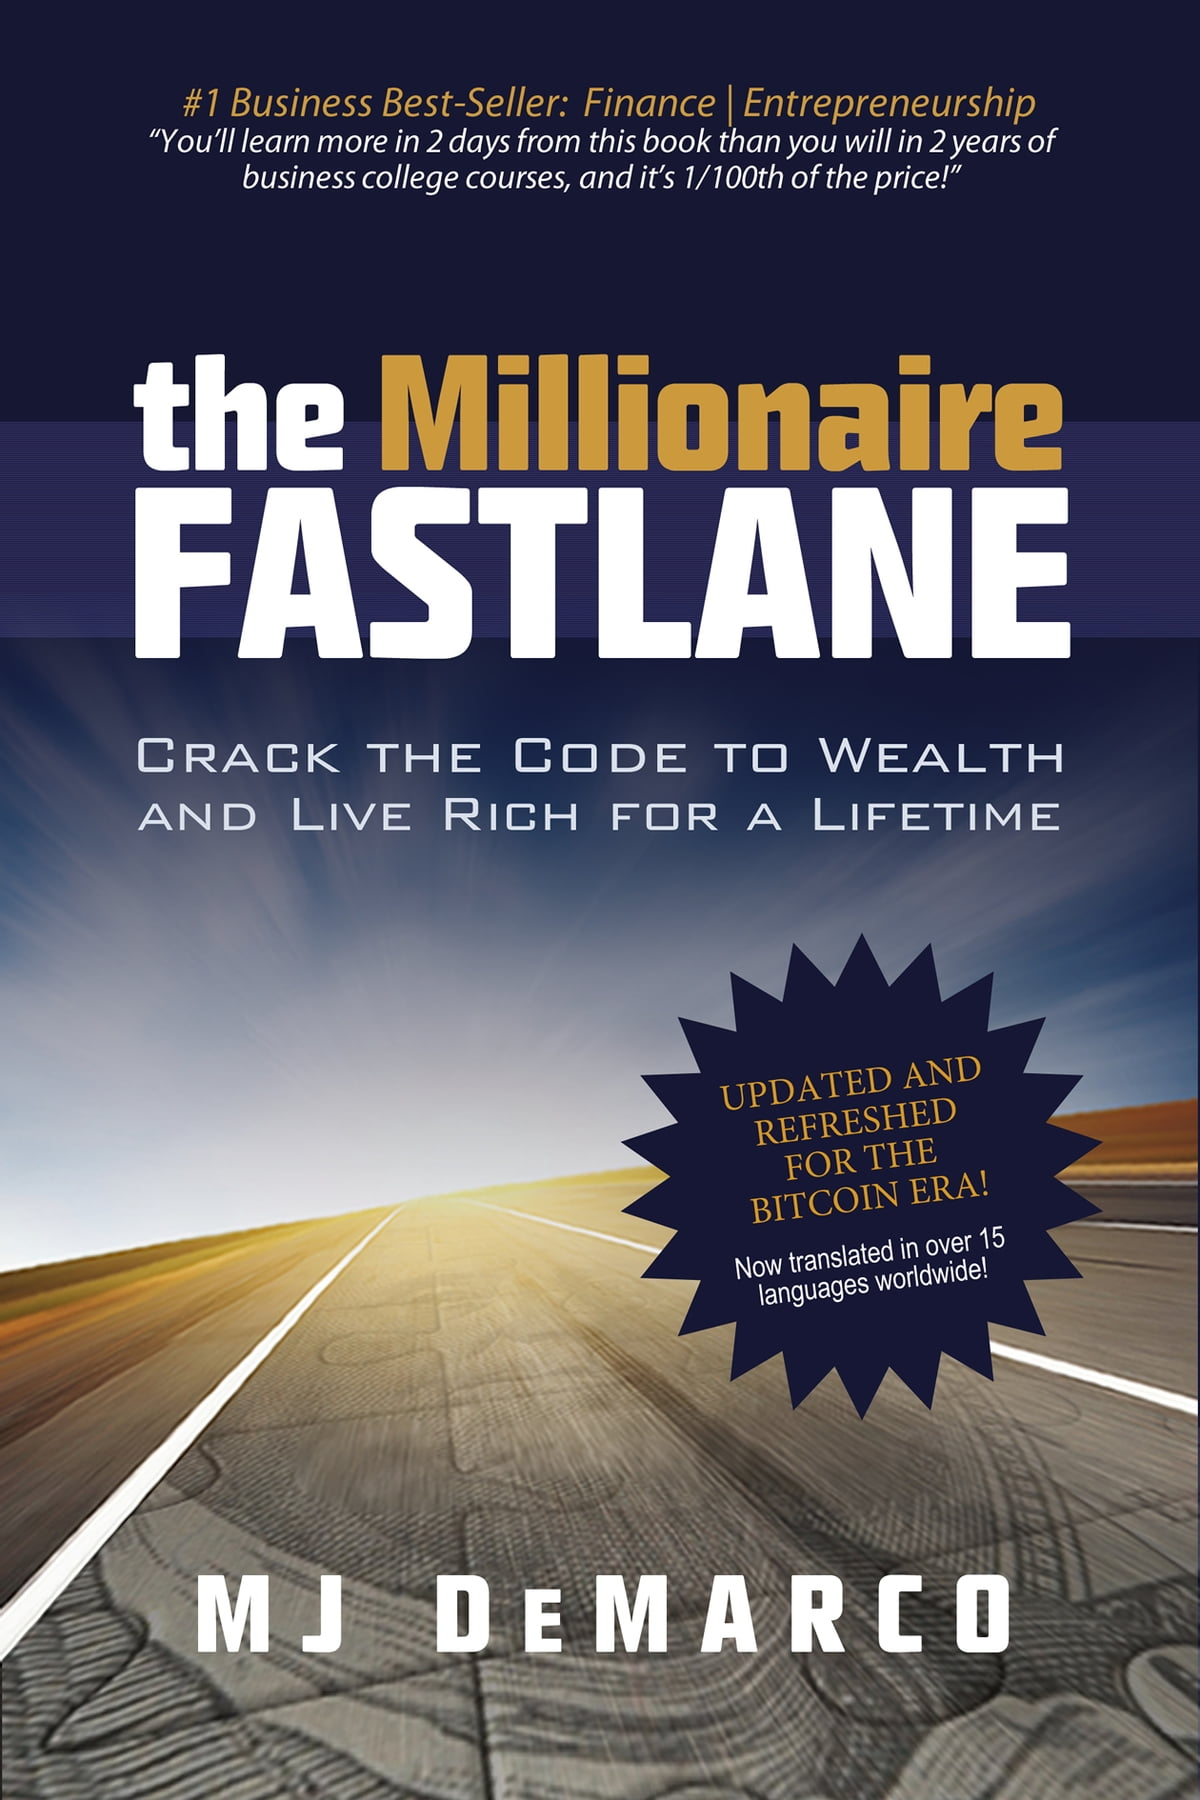 The Millionaire Fastlane eBook by MJ DeMarco | Rakuten Kobo